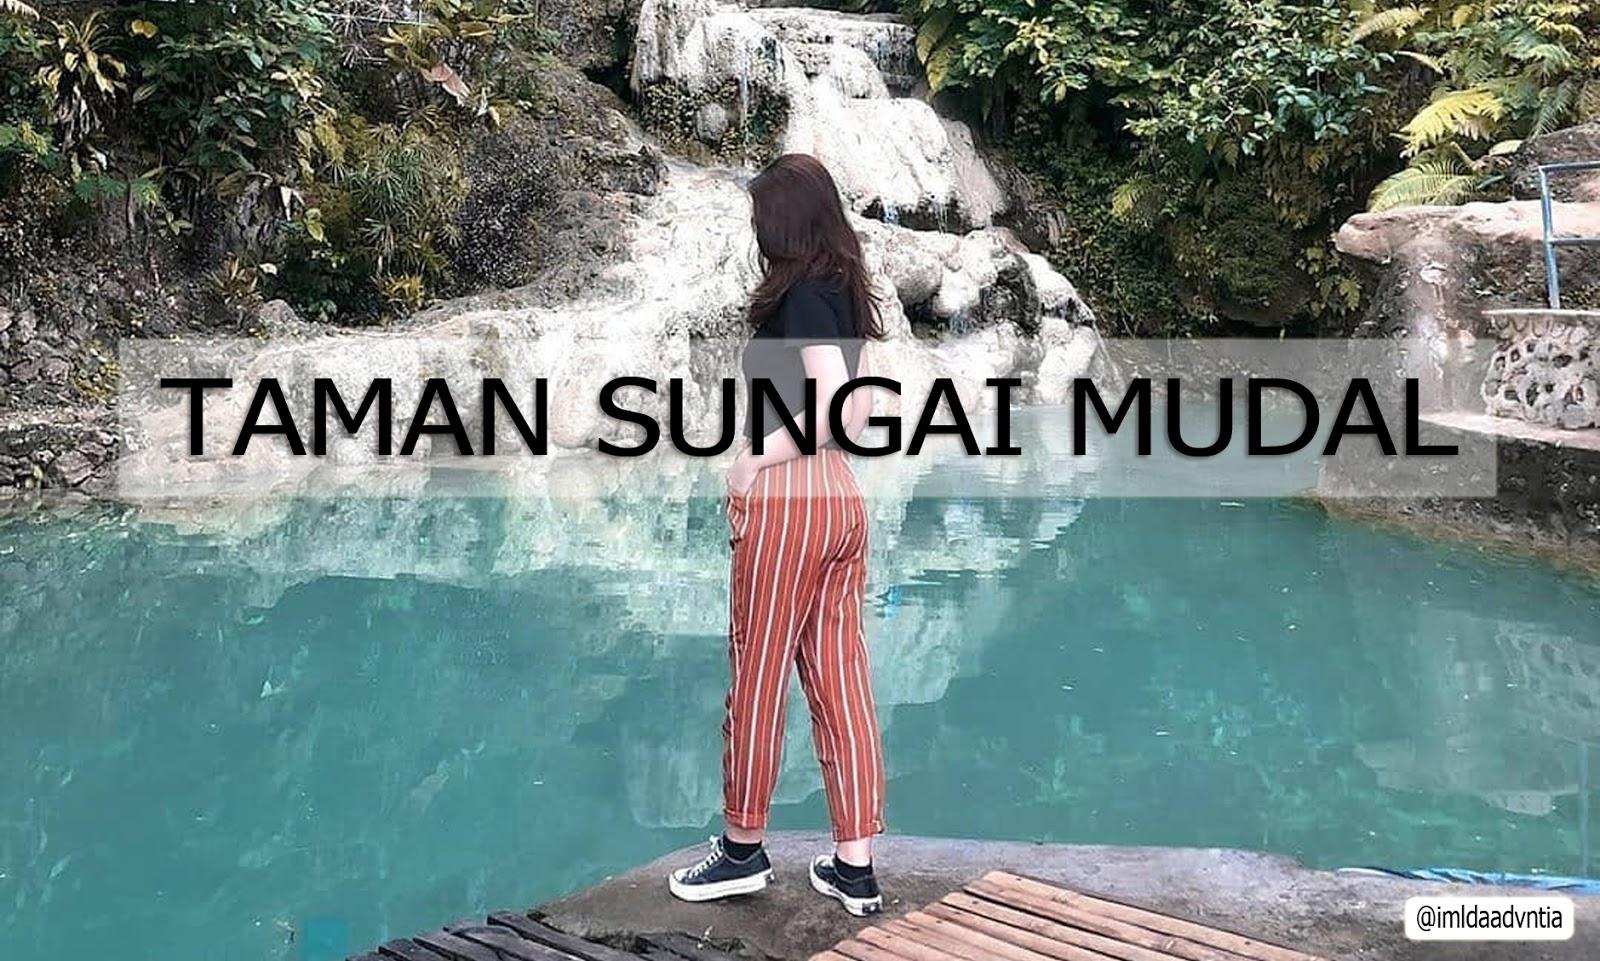 Wisasata Taman Sungai Mudal di Kulon Progo Jogja